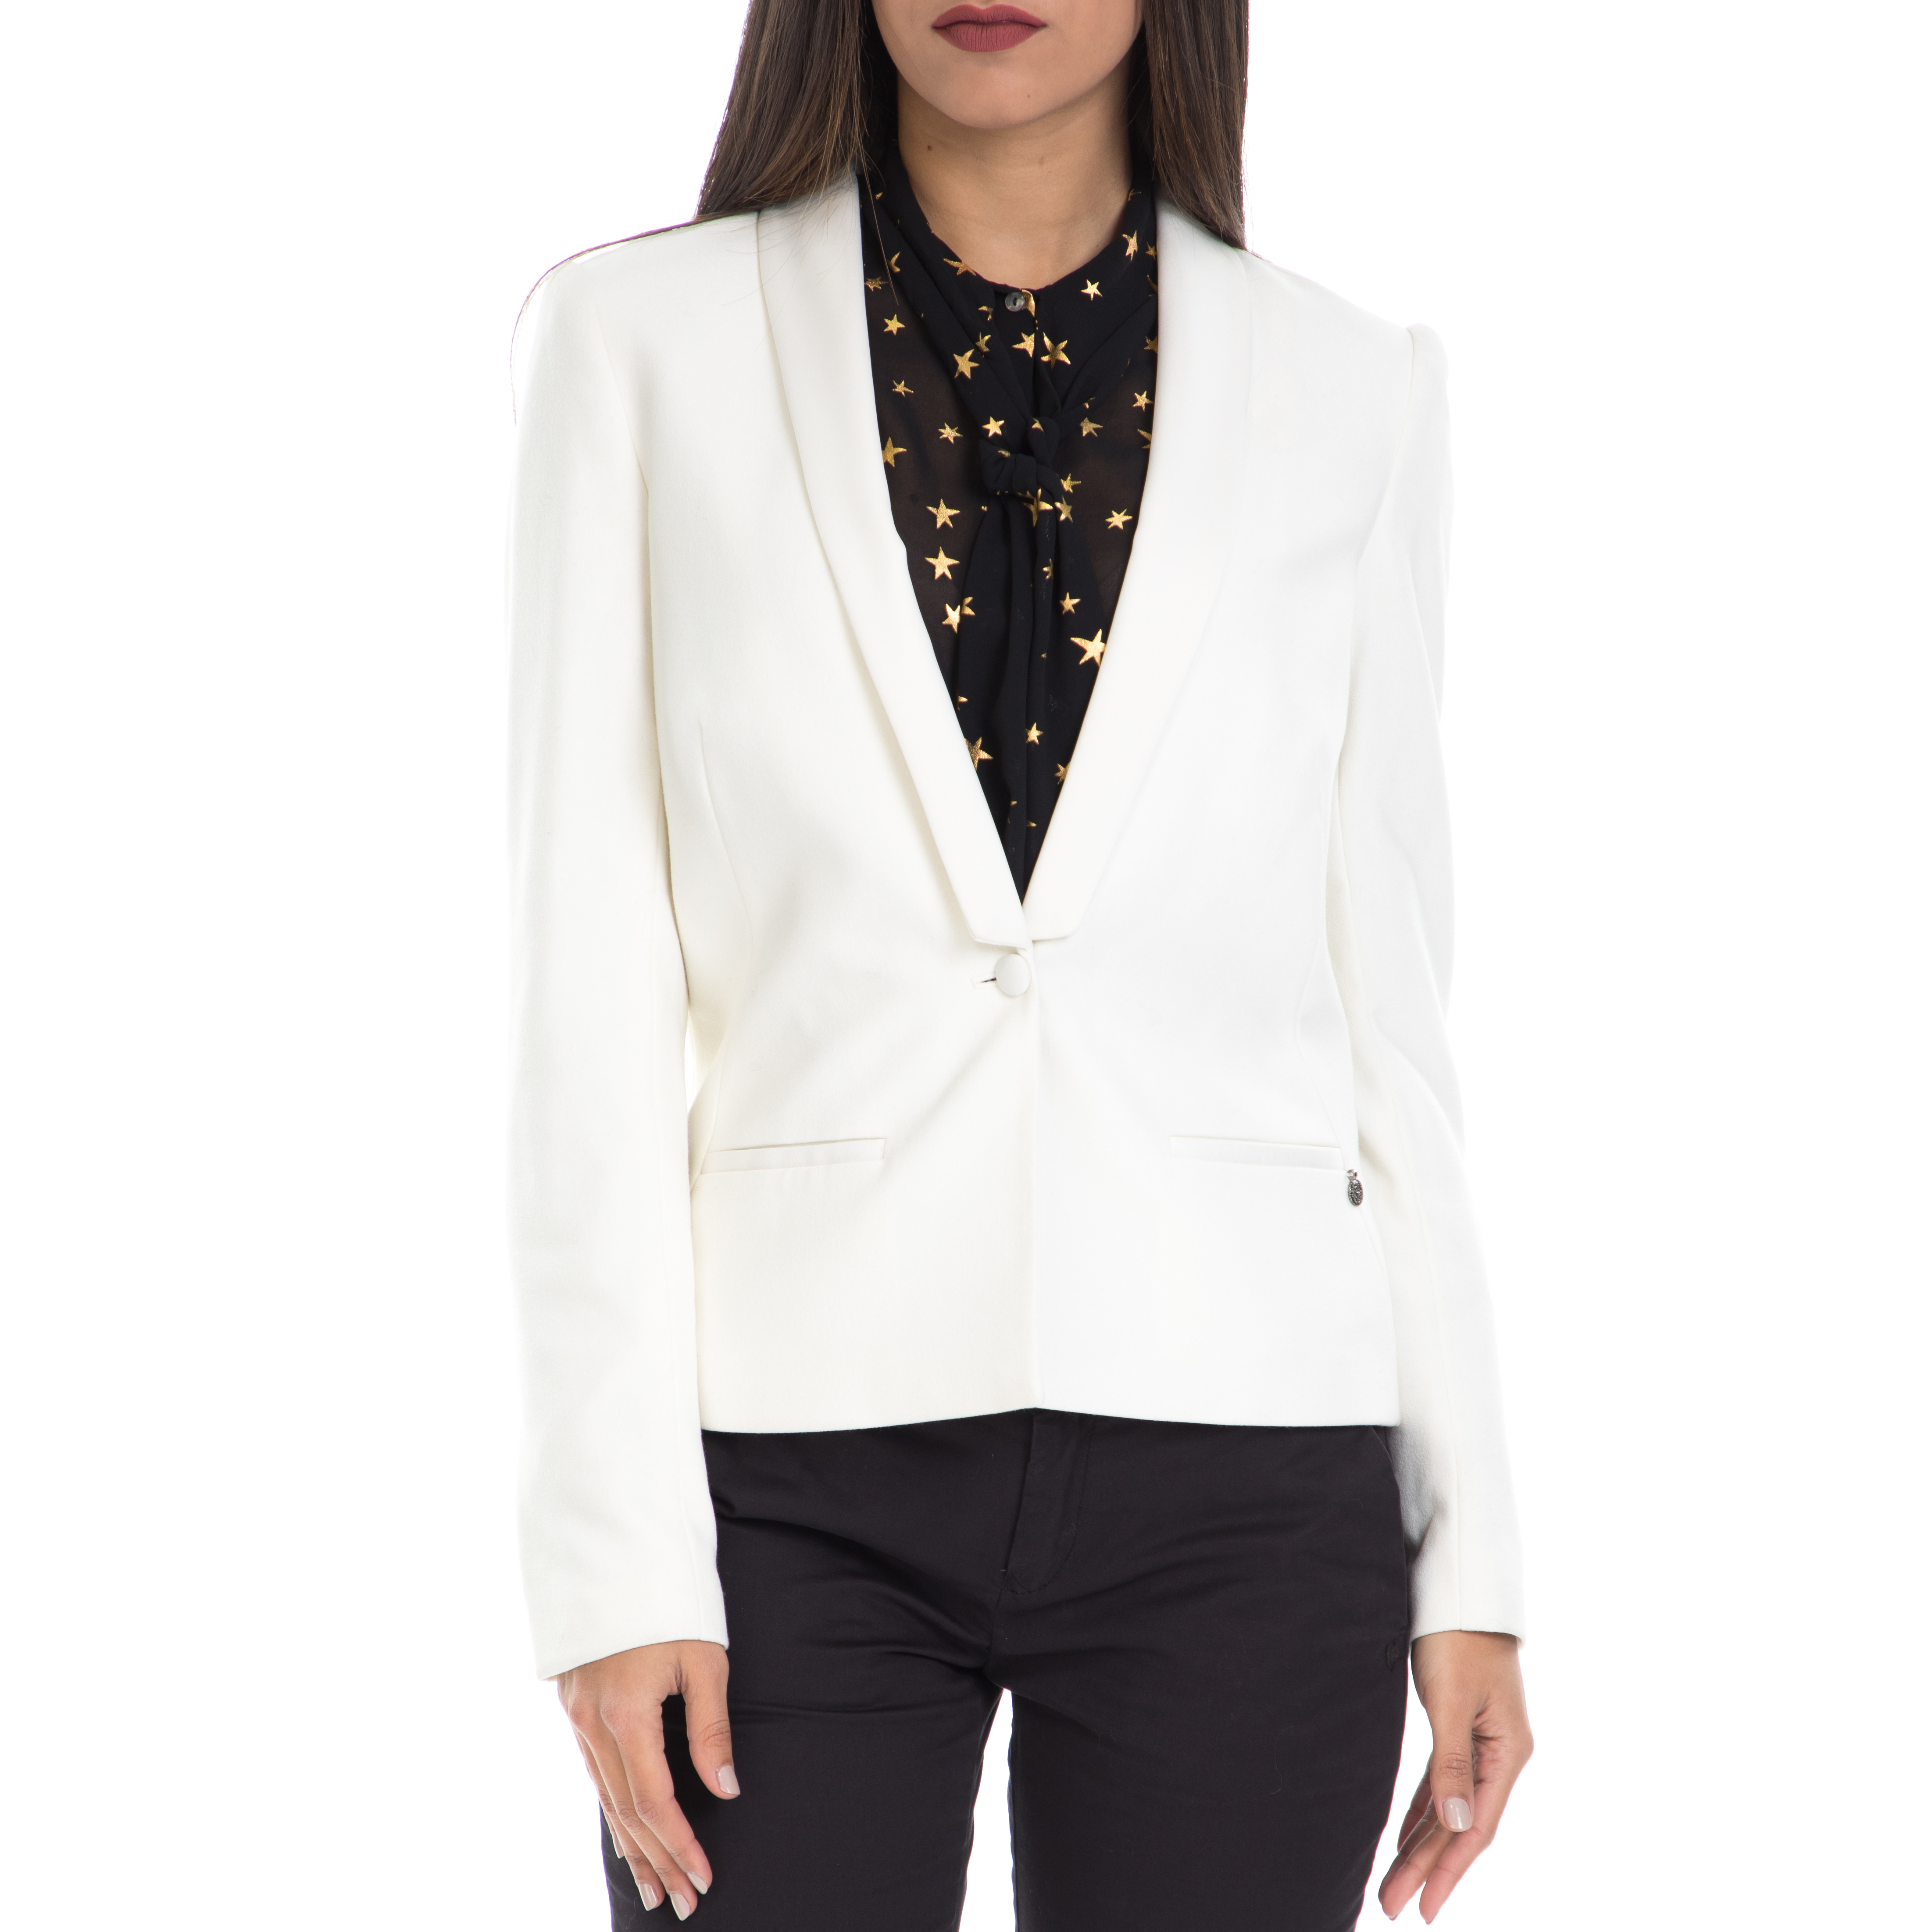 SCOTCH & SODA - Γυναικείο σακάκι SCOTCH & SODA λευκό γυναικεία ρούχα πανωφόρια σακάκια